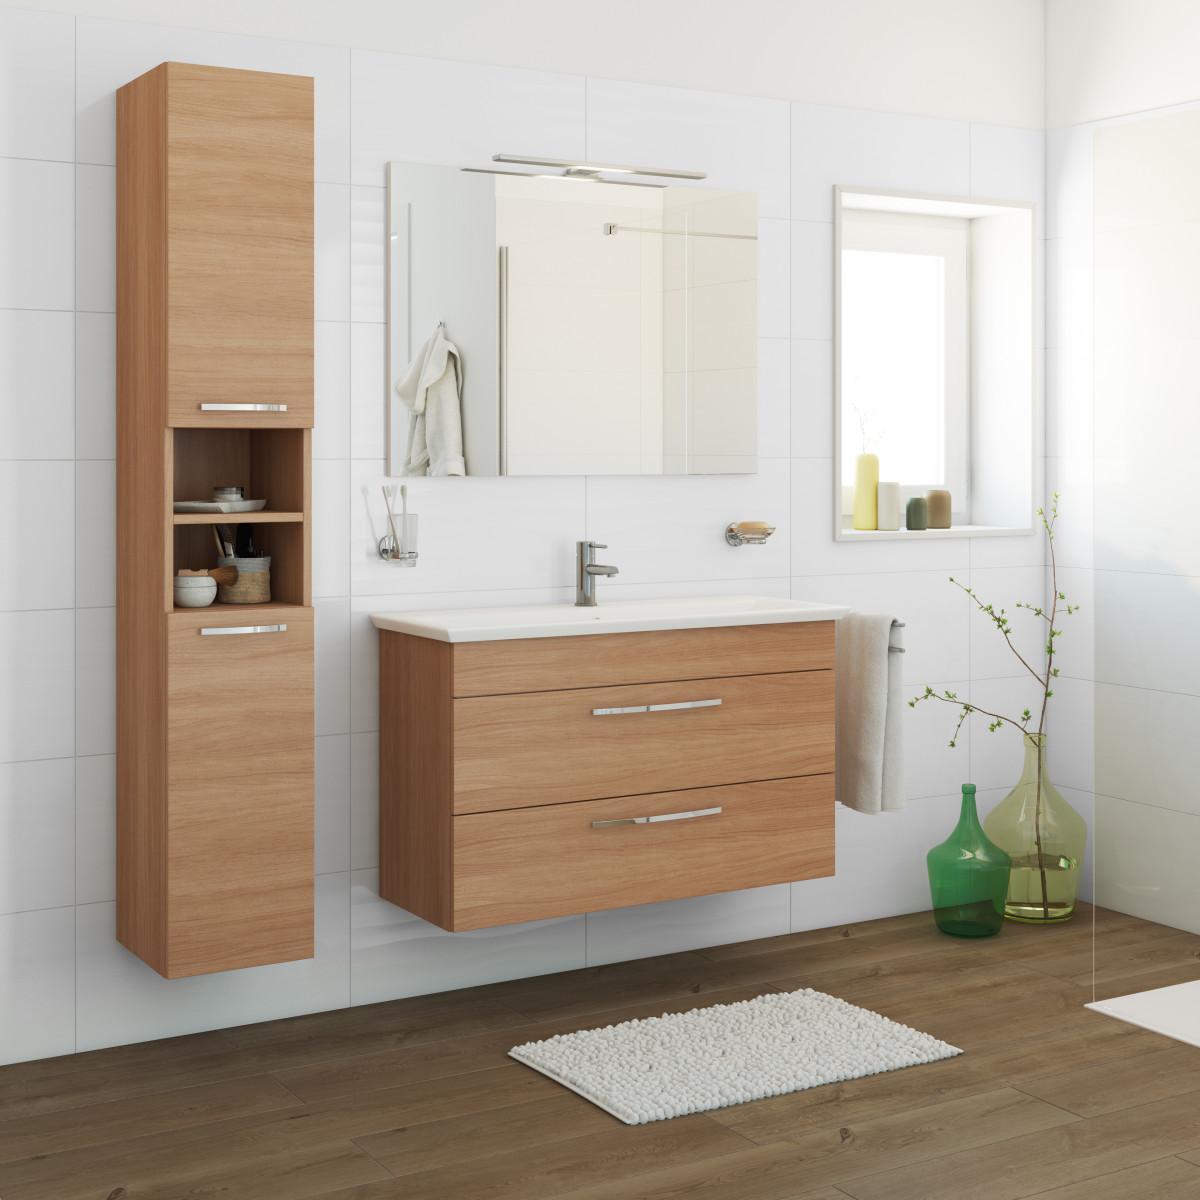 Disegno vintage bagno - Mobiletto bagno da appendere ...